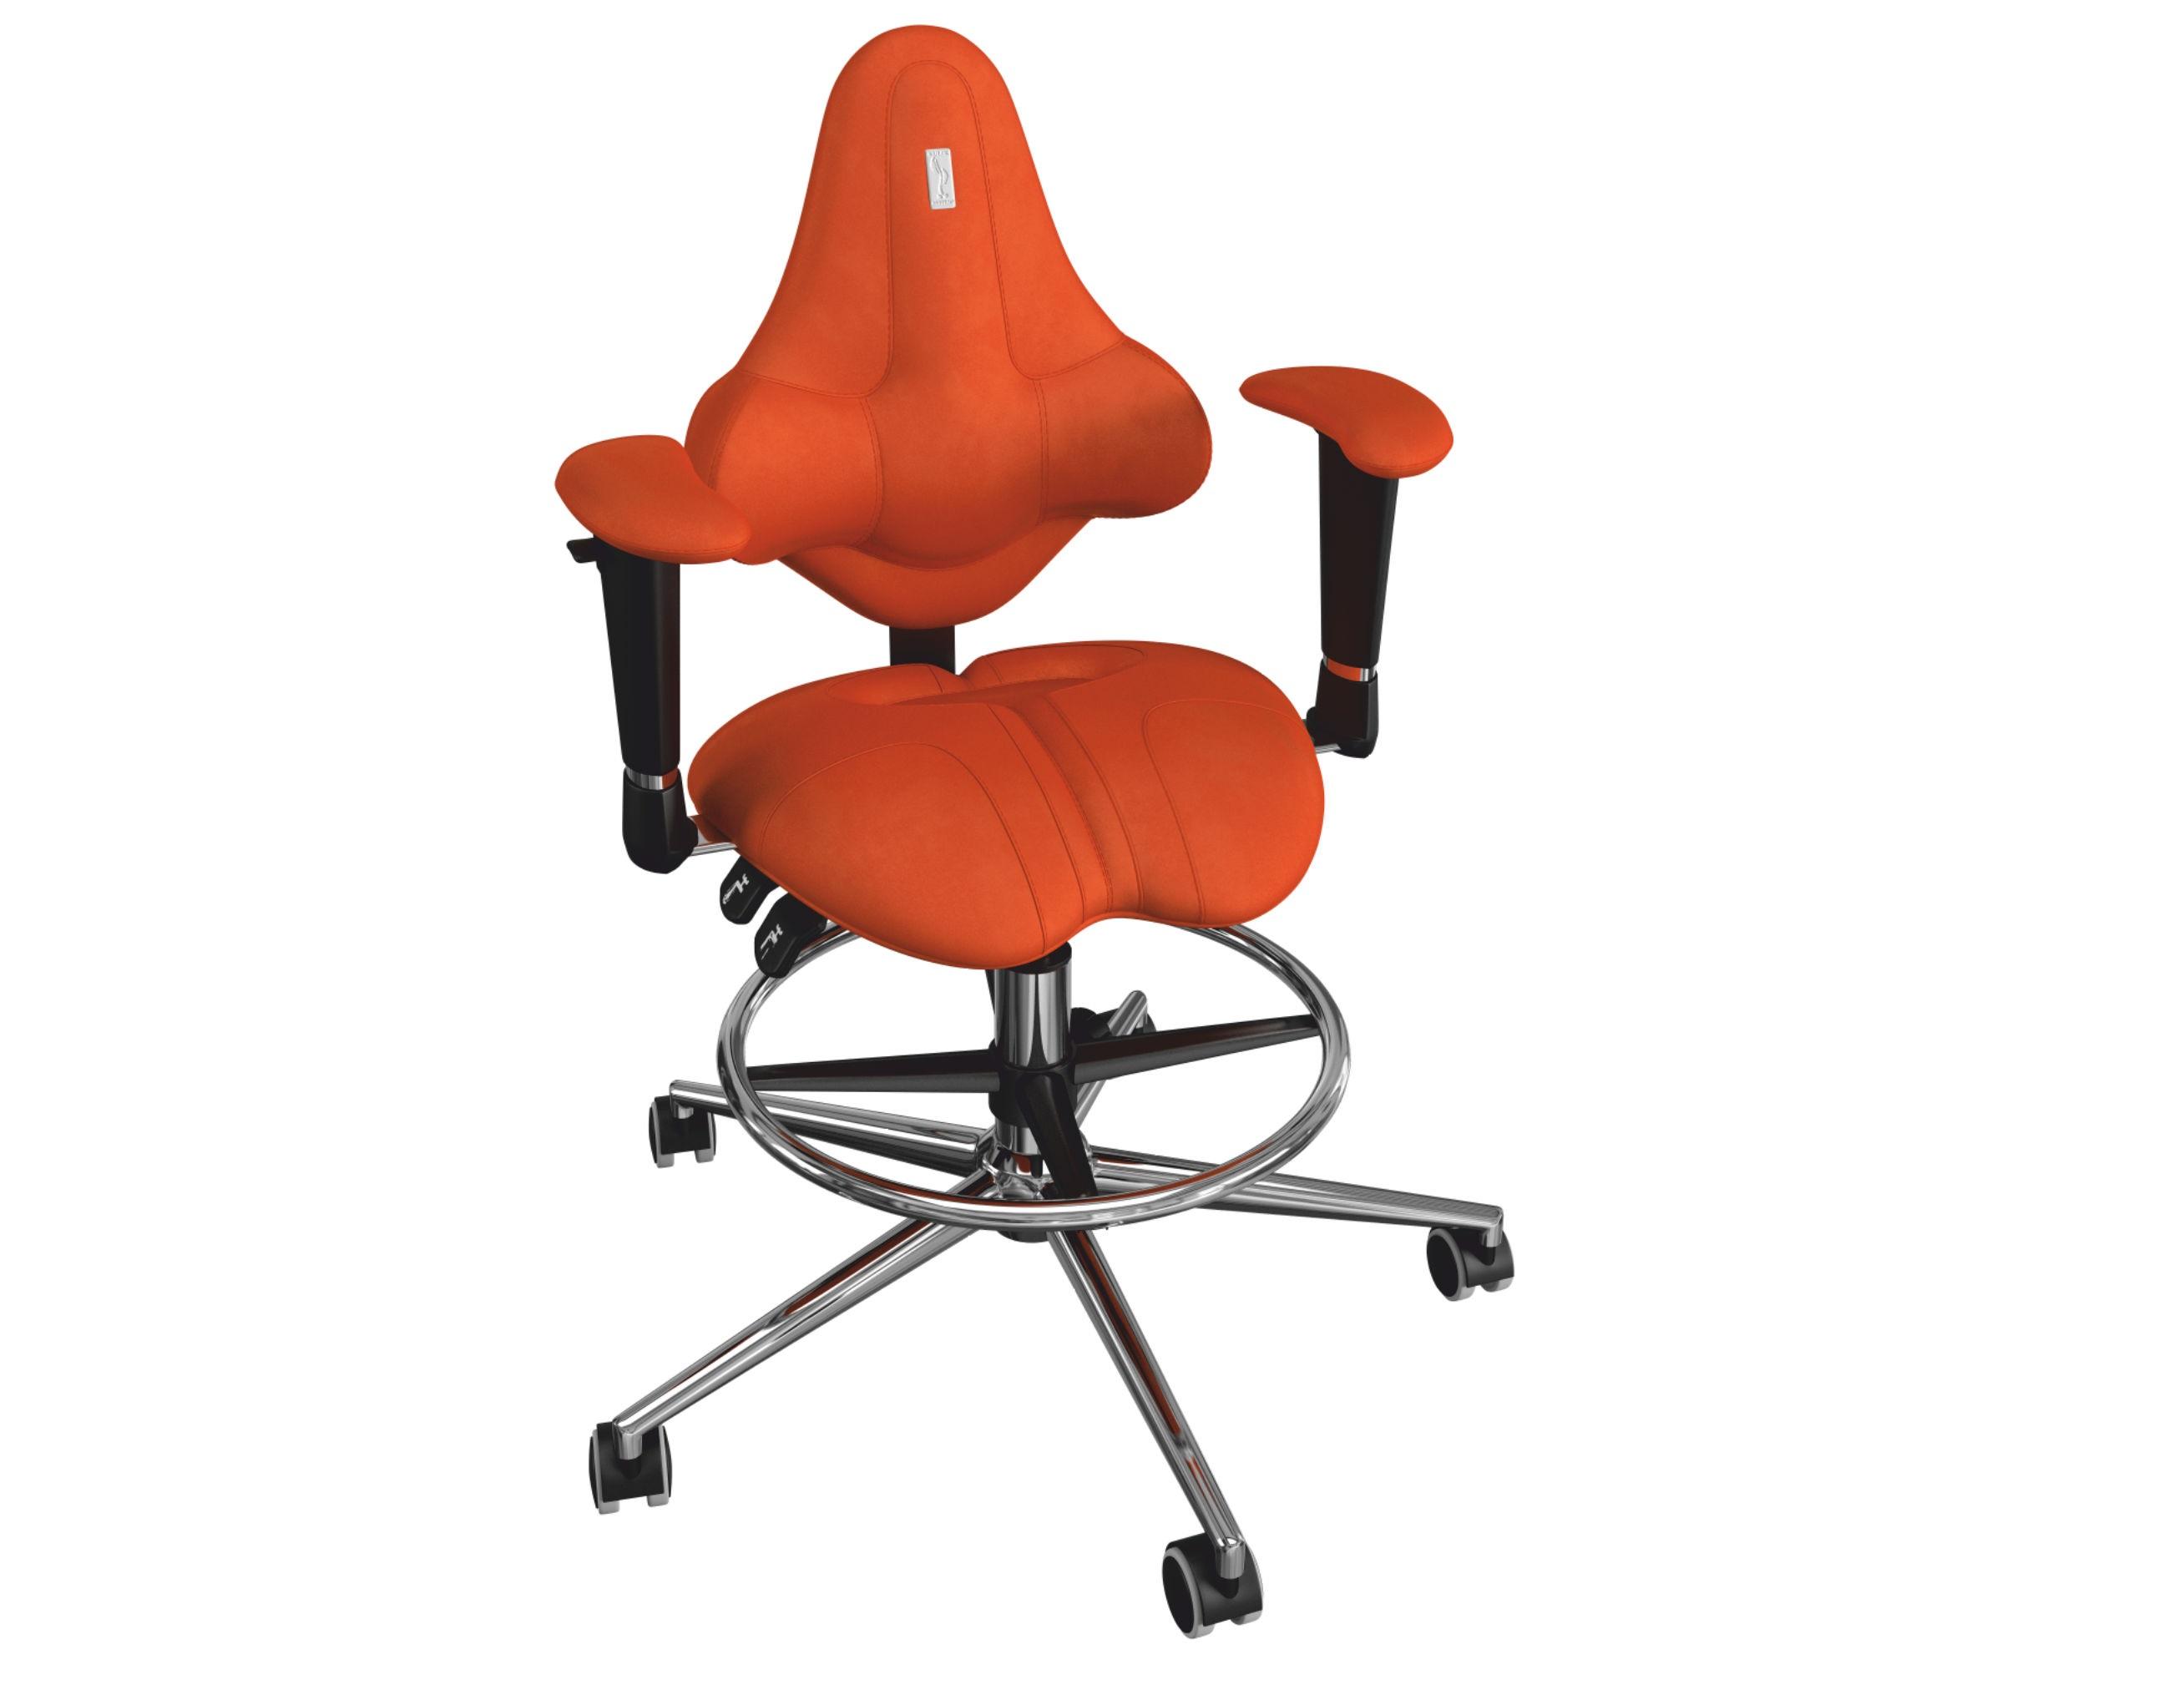 Кресло KIDSРабочие кресла<br>Профильная модель кресла для детей отлично подойдет для самых активных и непоседливых ребятишек. Такое кресло сбережет осанку ребенка и приучит ваше чадо заботиться о своем здоровье с раннего детства. В кресле KIDS ребенок почувствует себя настоящим чемпионом по здоровью!&amp;amp;nbsp;<br><br>Material: Текстиль<br>Length см: None<br>Width см: 62<br>Depth см: 44<br>Height см: 100<br>Diameter см: None